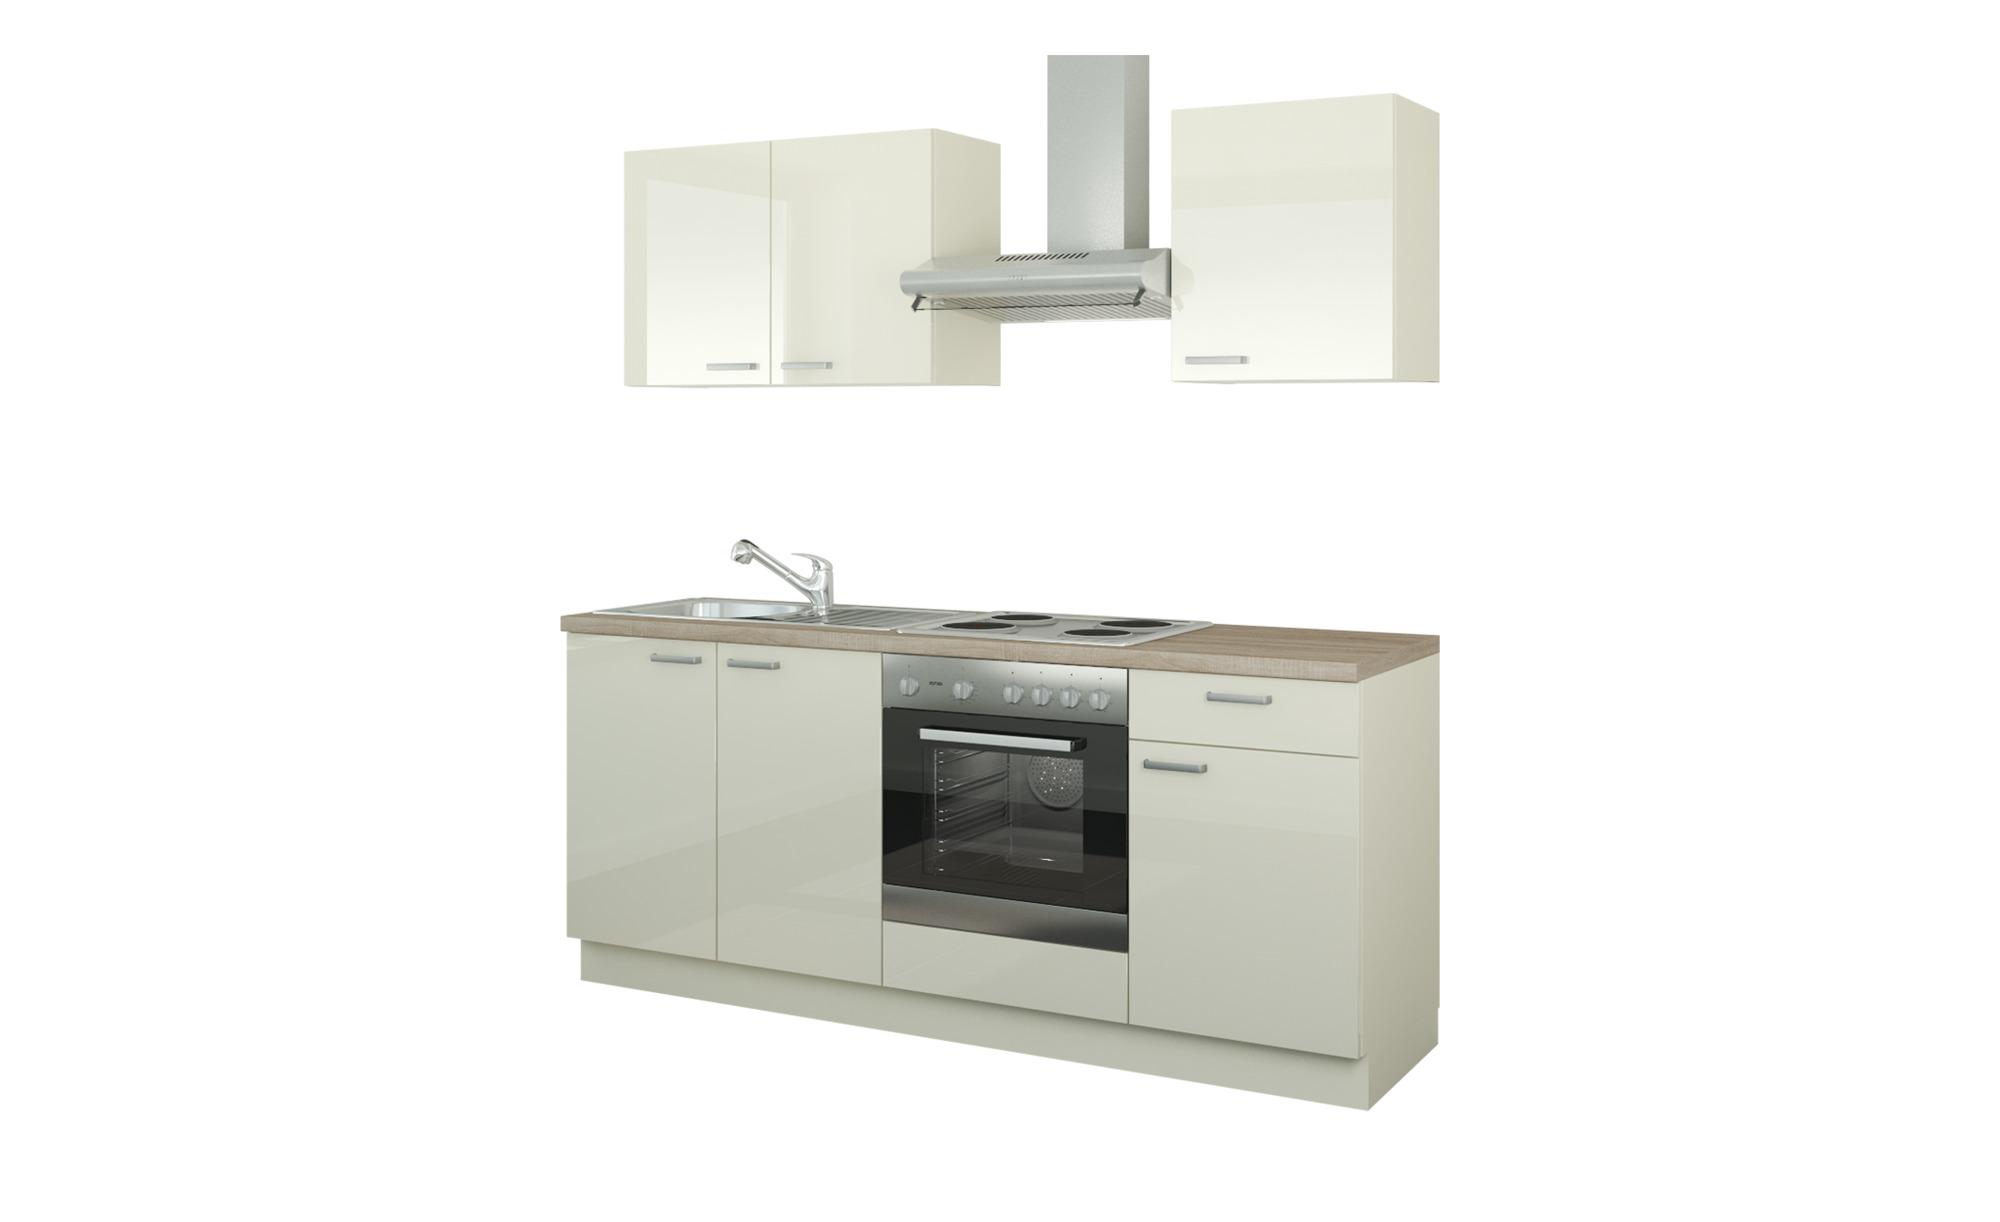 Küchenzeile mit Elektrogeräten  Ahlen ¦ creme ¦ Maße (cm): B: 200 Küchen > Küchenblöcke mit E-Geräten - Höffner